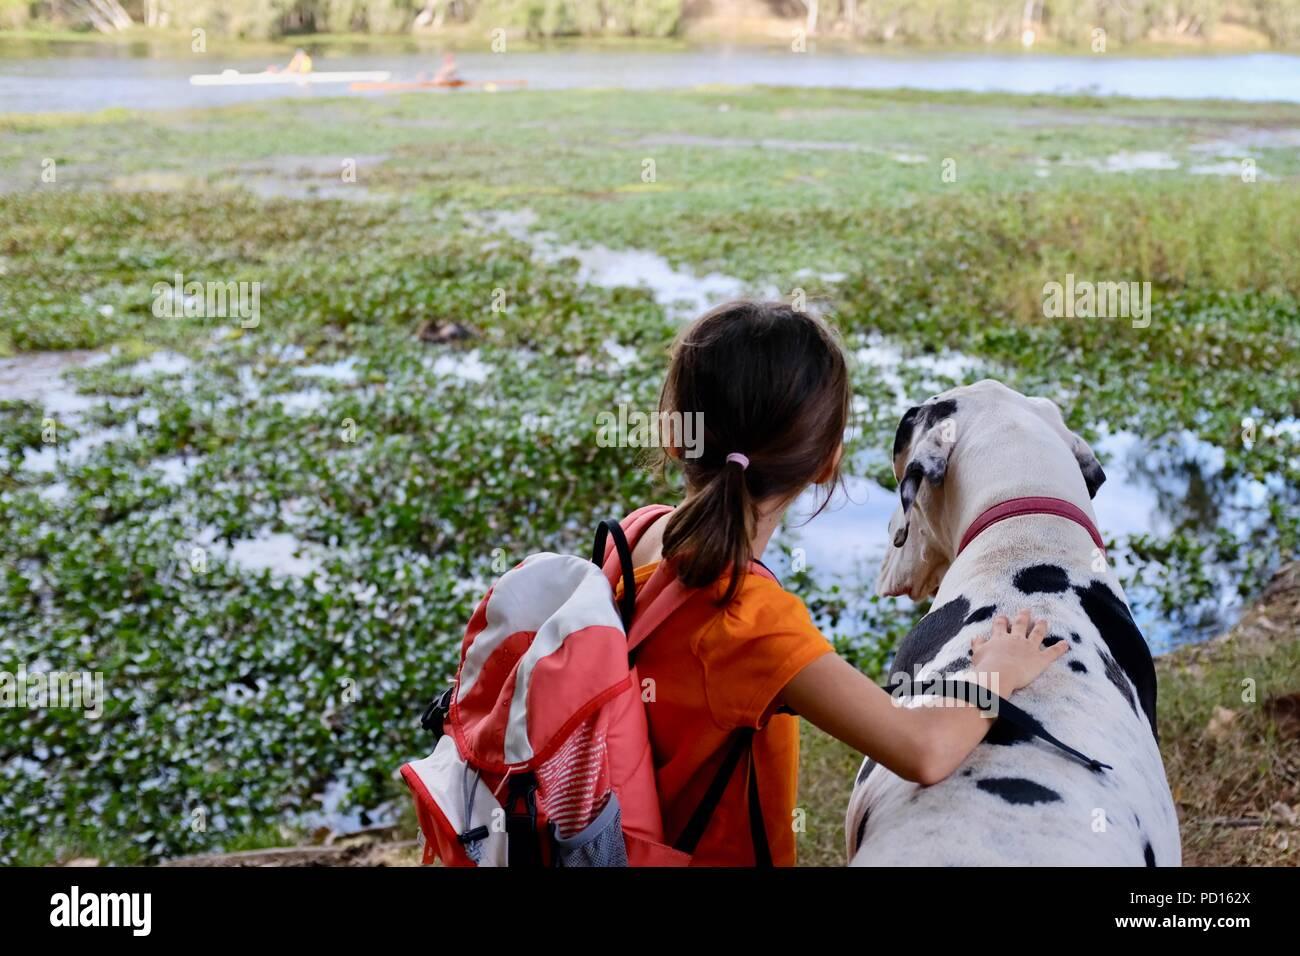 Une jeune fille noire et blanche chien dogue allemand ensemble surplombant une rivière, Booroona sur le sentier pédestre de Ross River, Rasmussen, 4815 Australie QLD Photo Stock